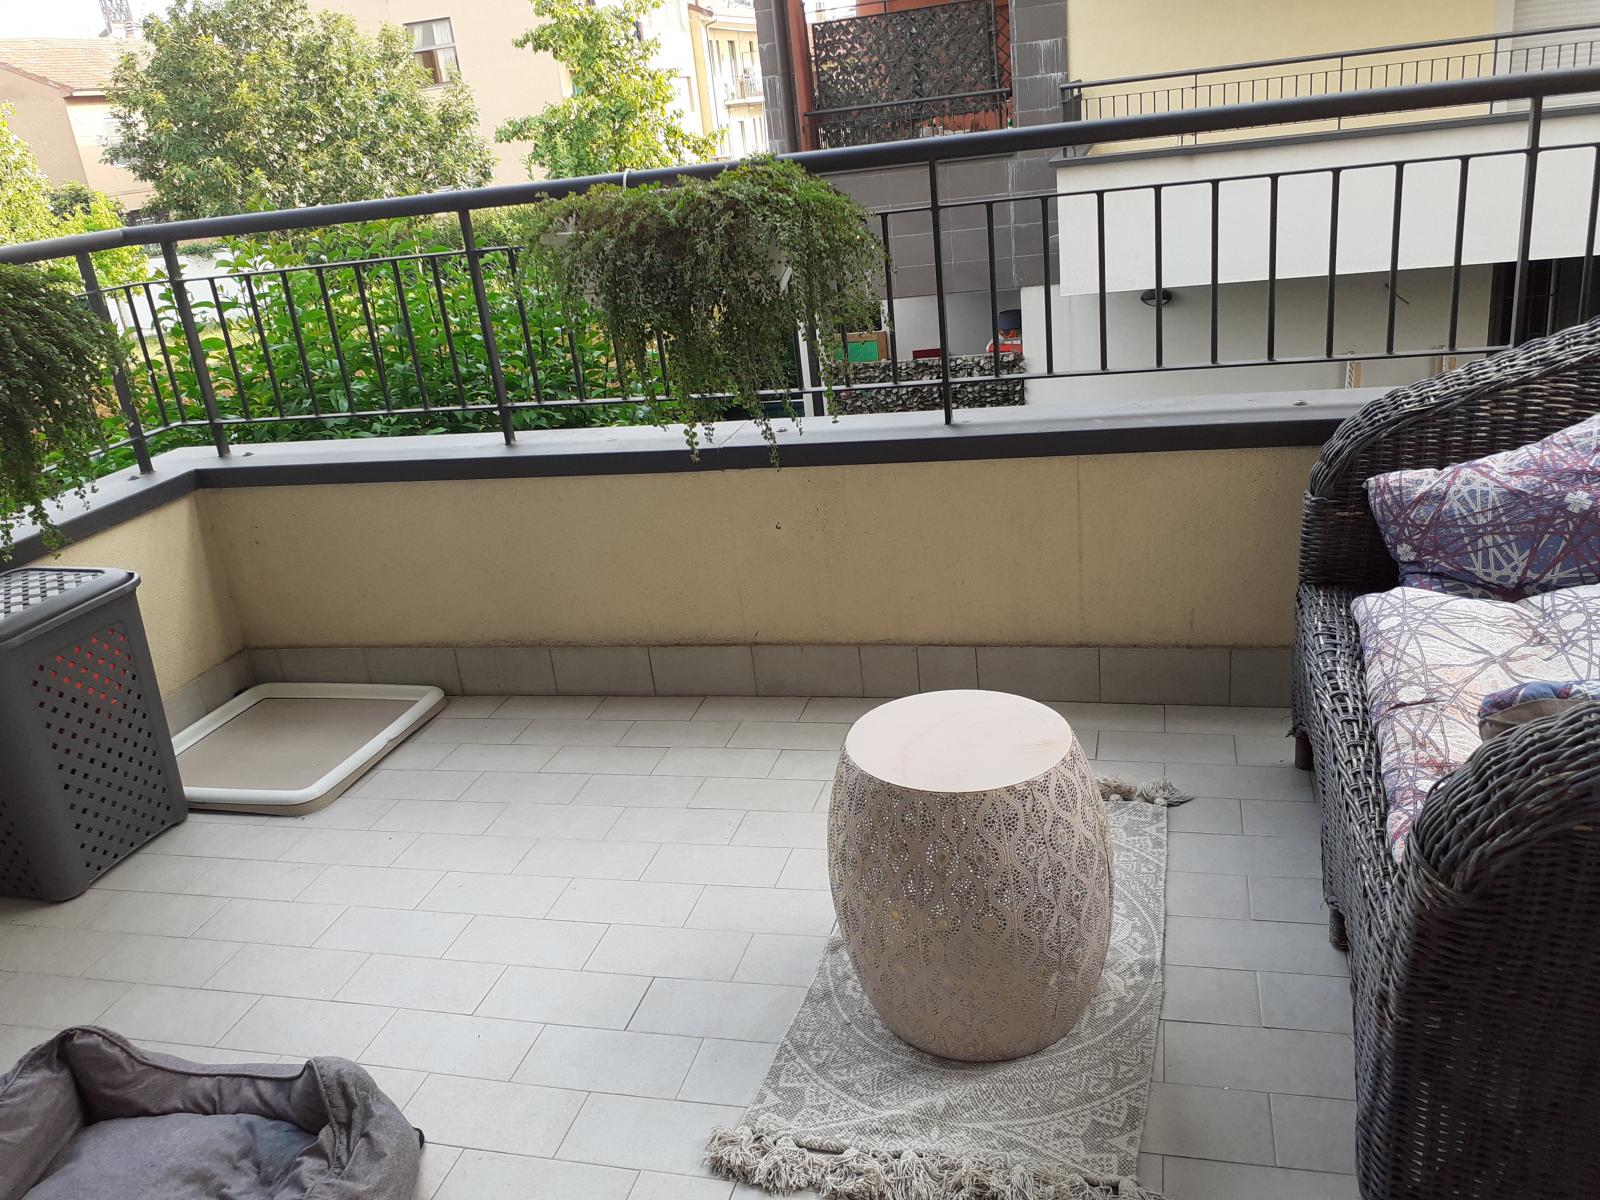 appartamento-open-space-milano-via-broggini-baggio-spaziourbano-immobiliare-vende-18